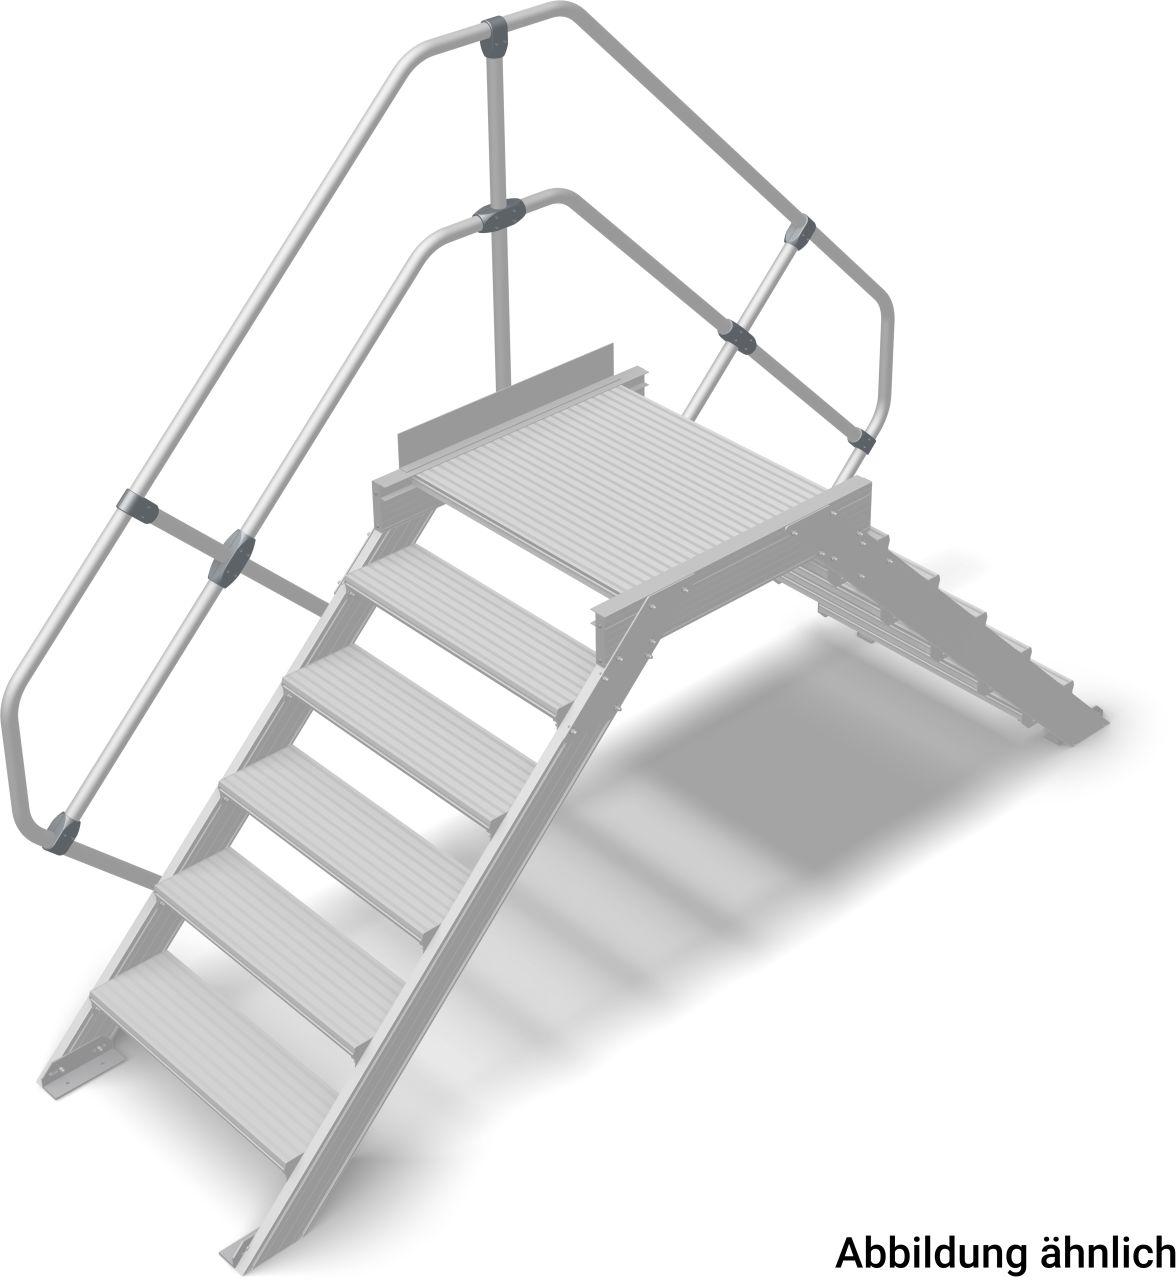 Переход алюминиевый Наклон 45°. Ширина ступеней 800 мм. Стационарное или передвижное средство безопасного преодоления препятствий в соответствии с DIN EN ISO 14122.